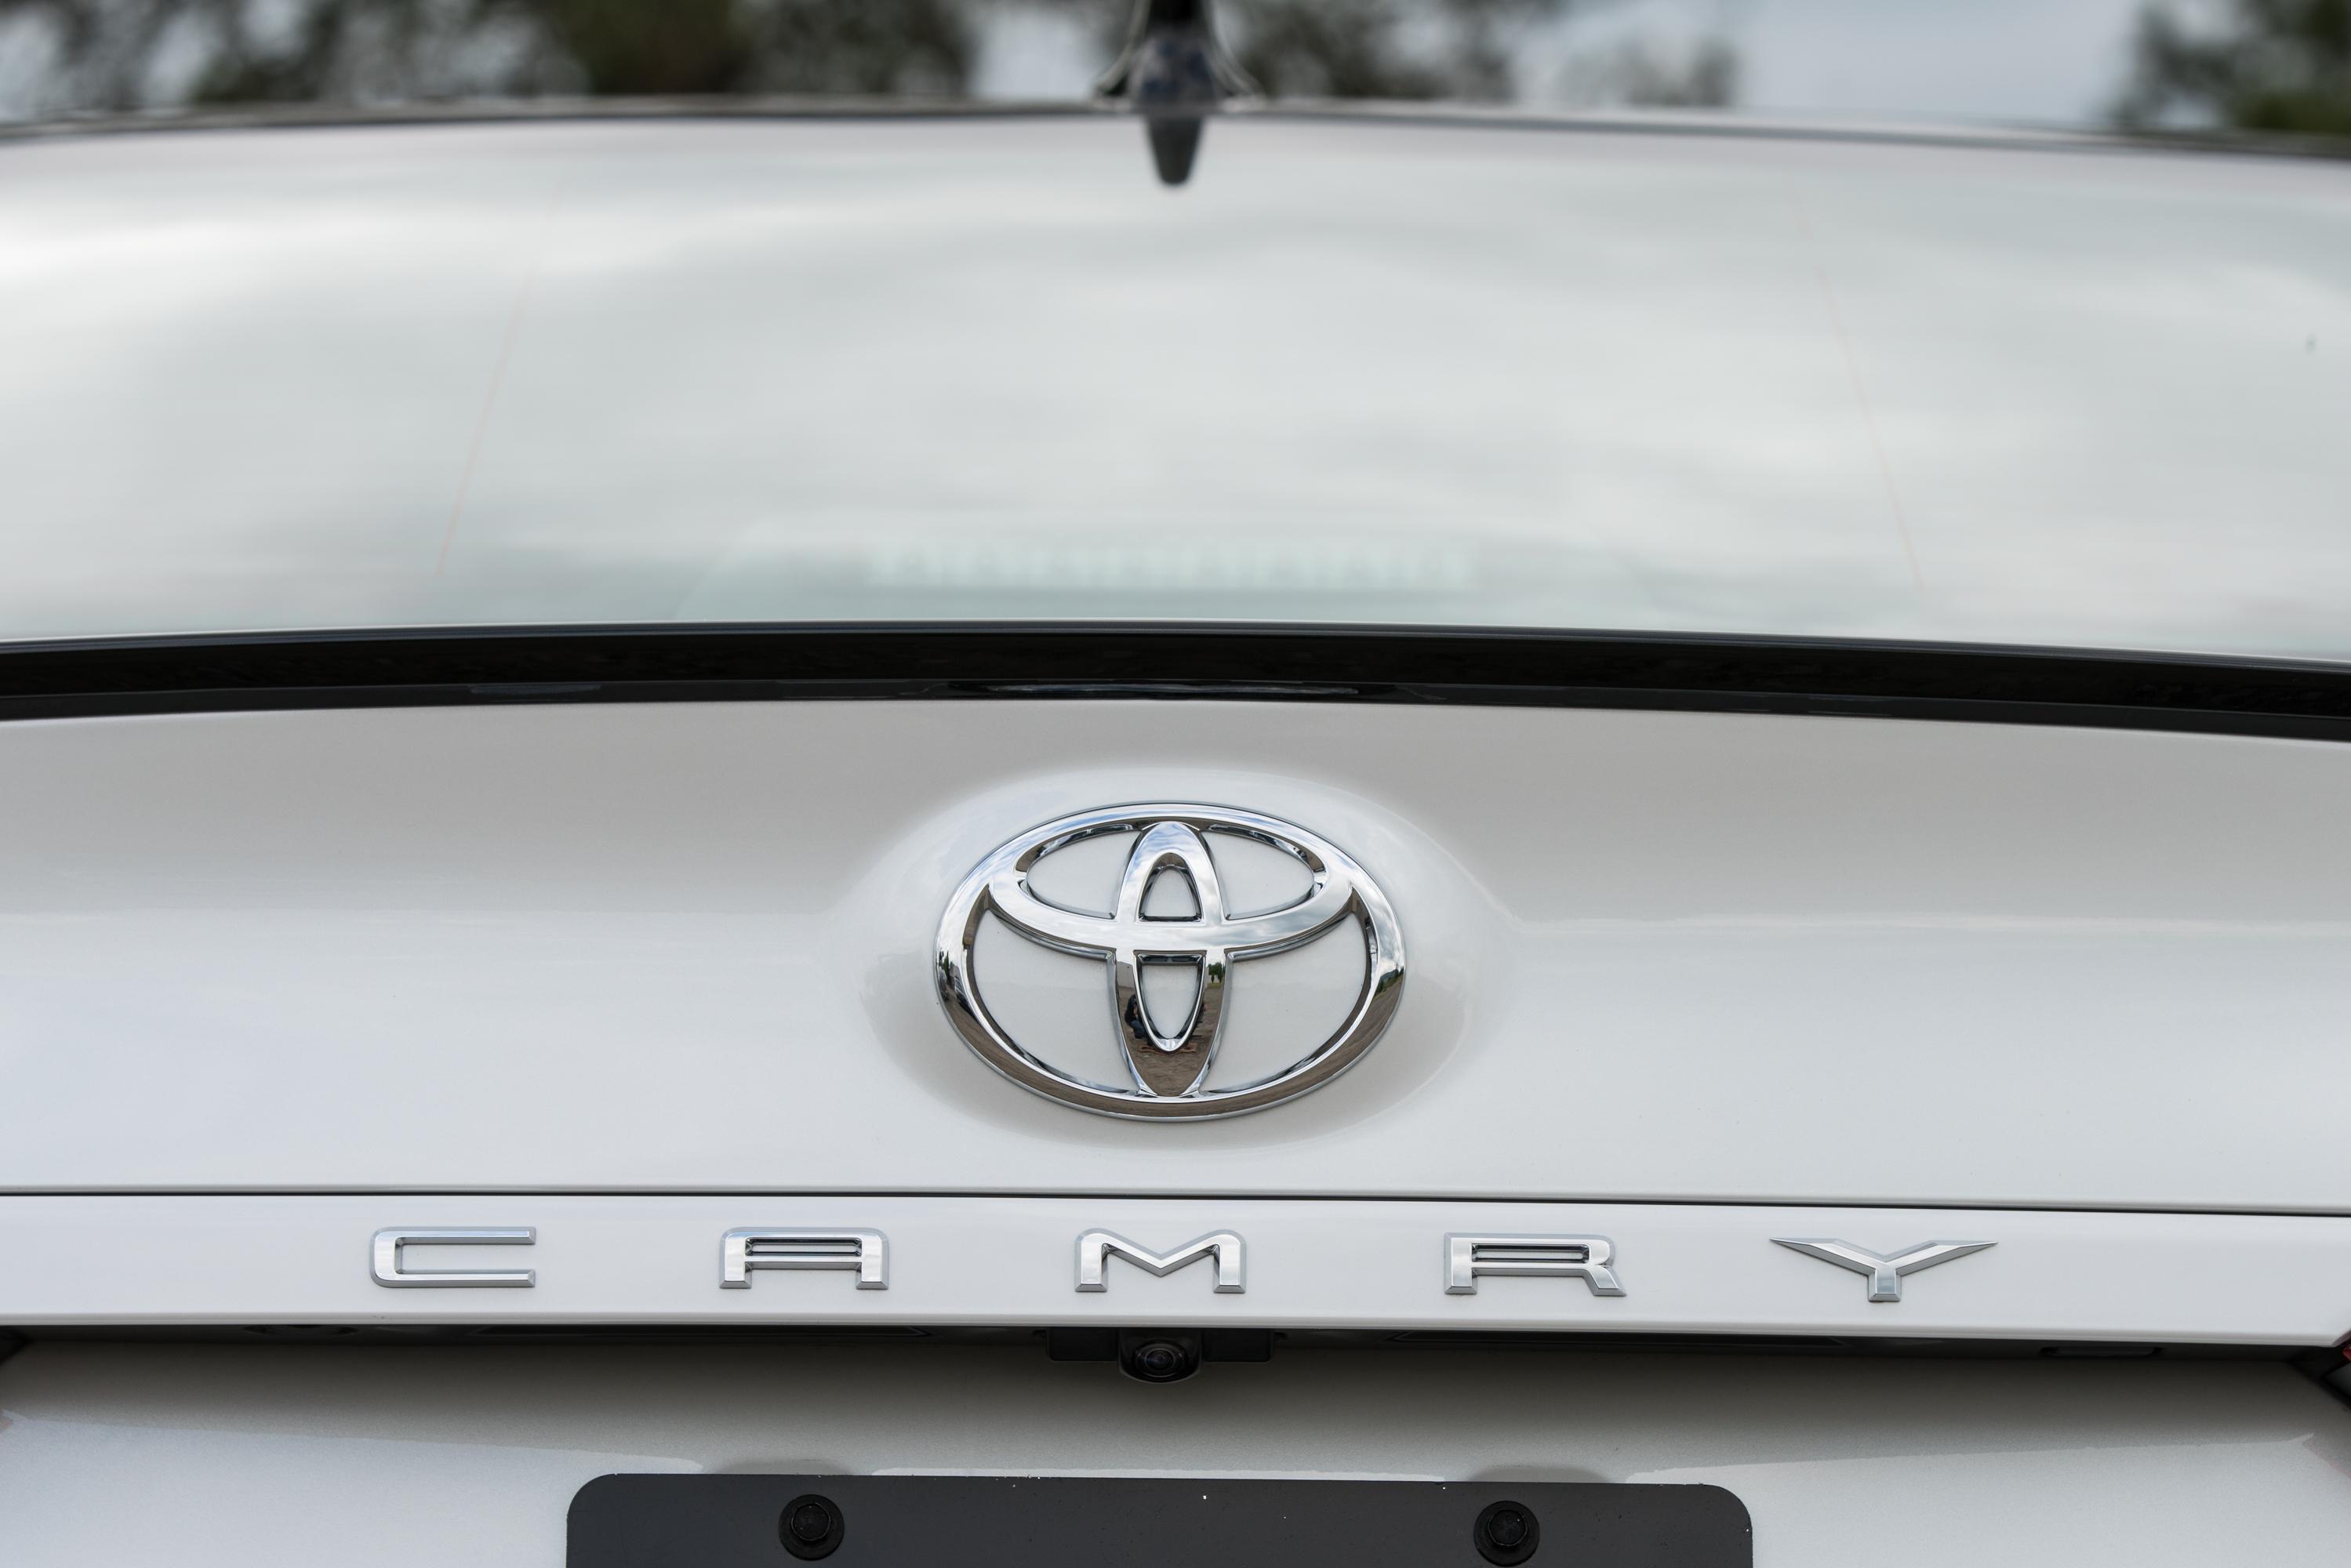 2018 Toyota Camry rear emblem